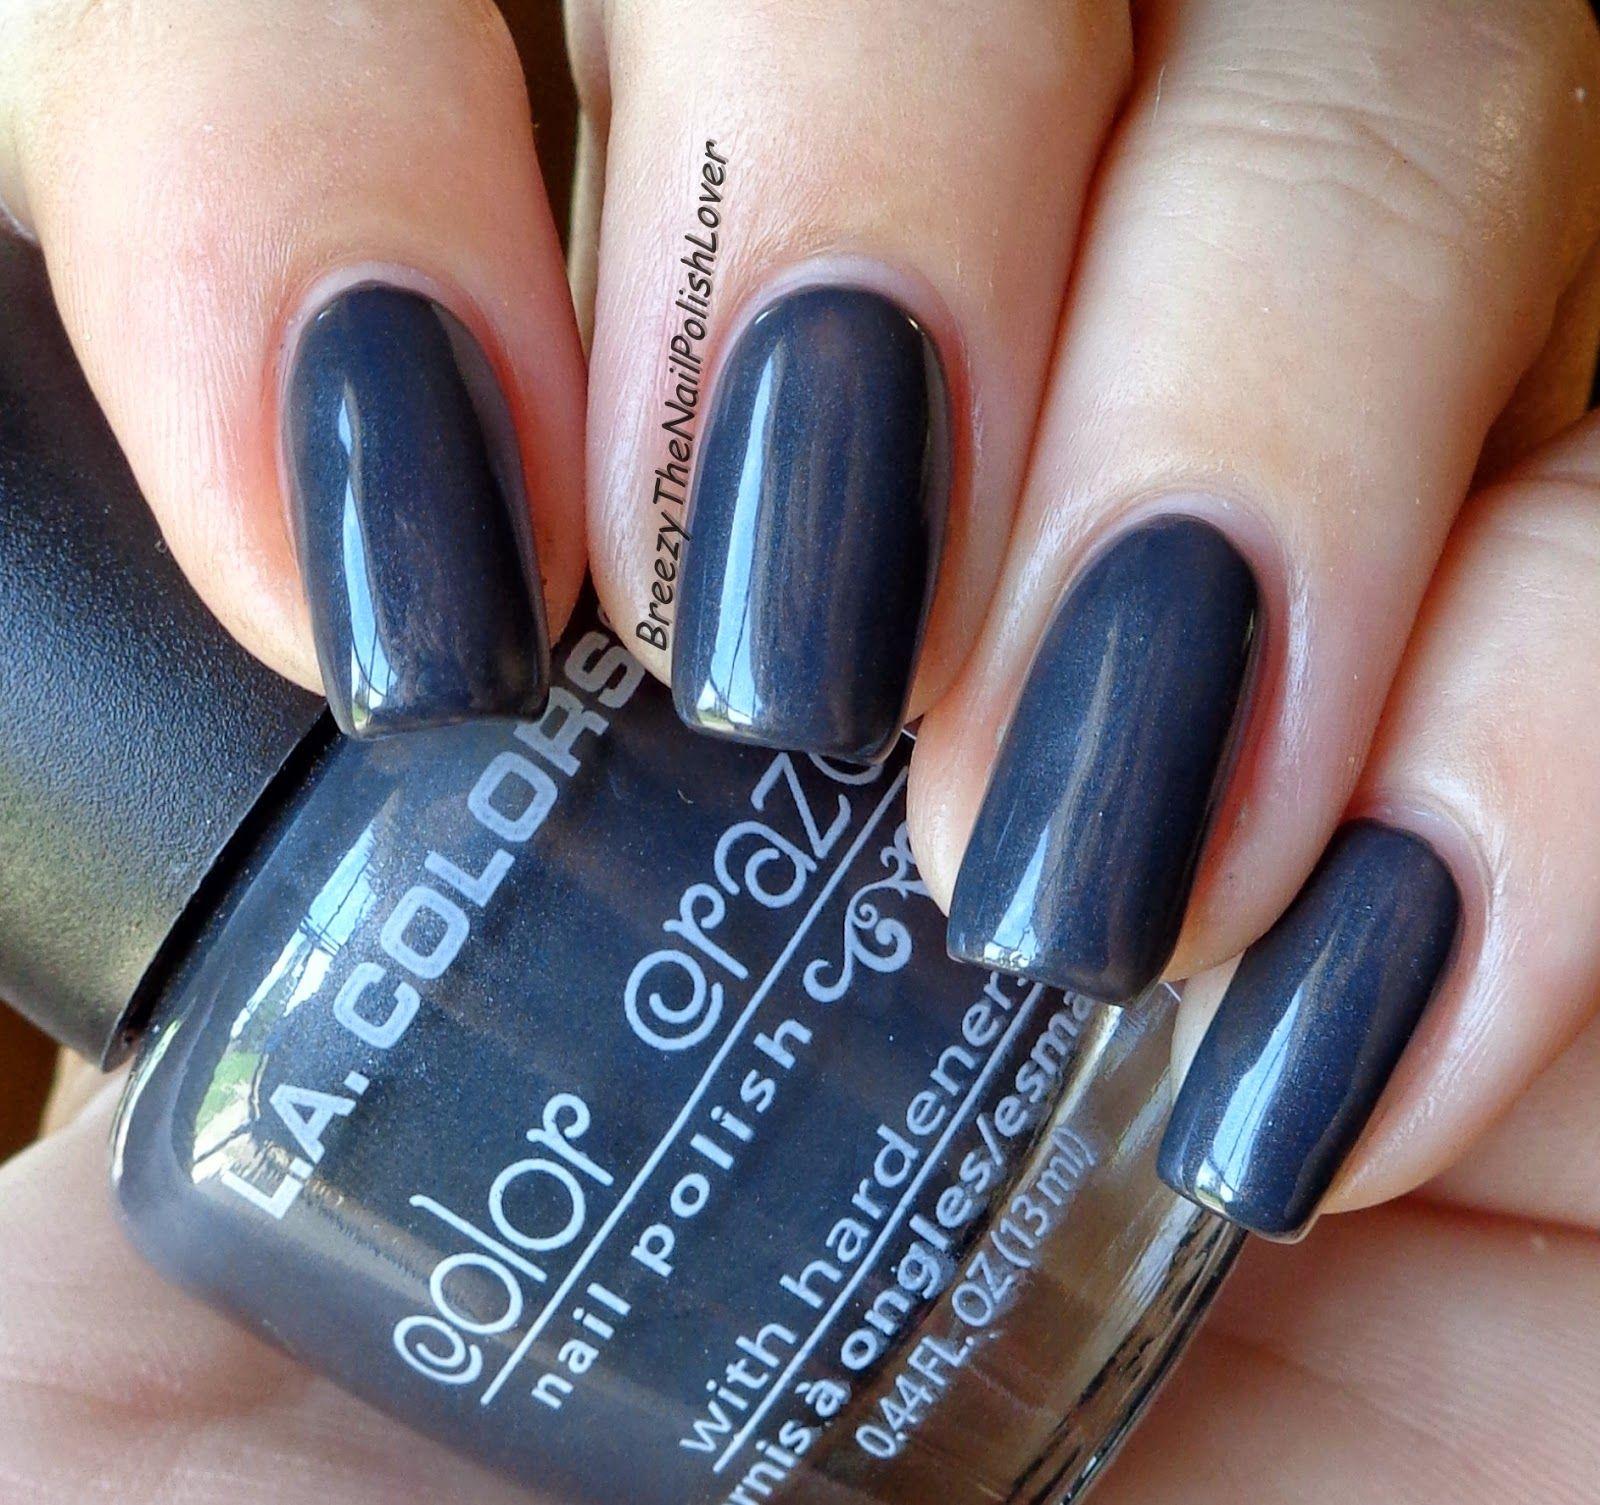 L.A. Colors - So Famous | Nails | Pinterest | La colors and Makeup